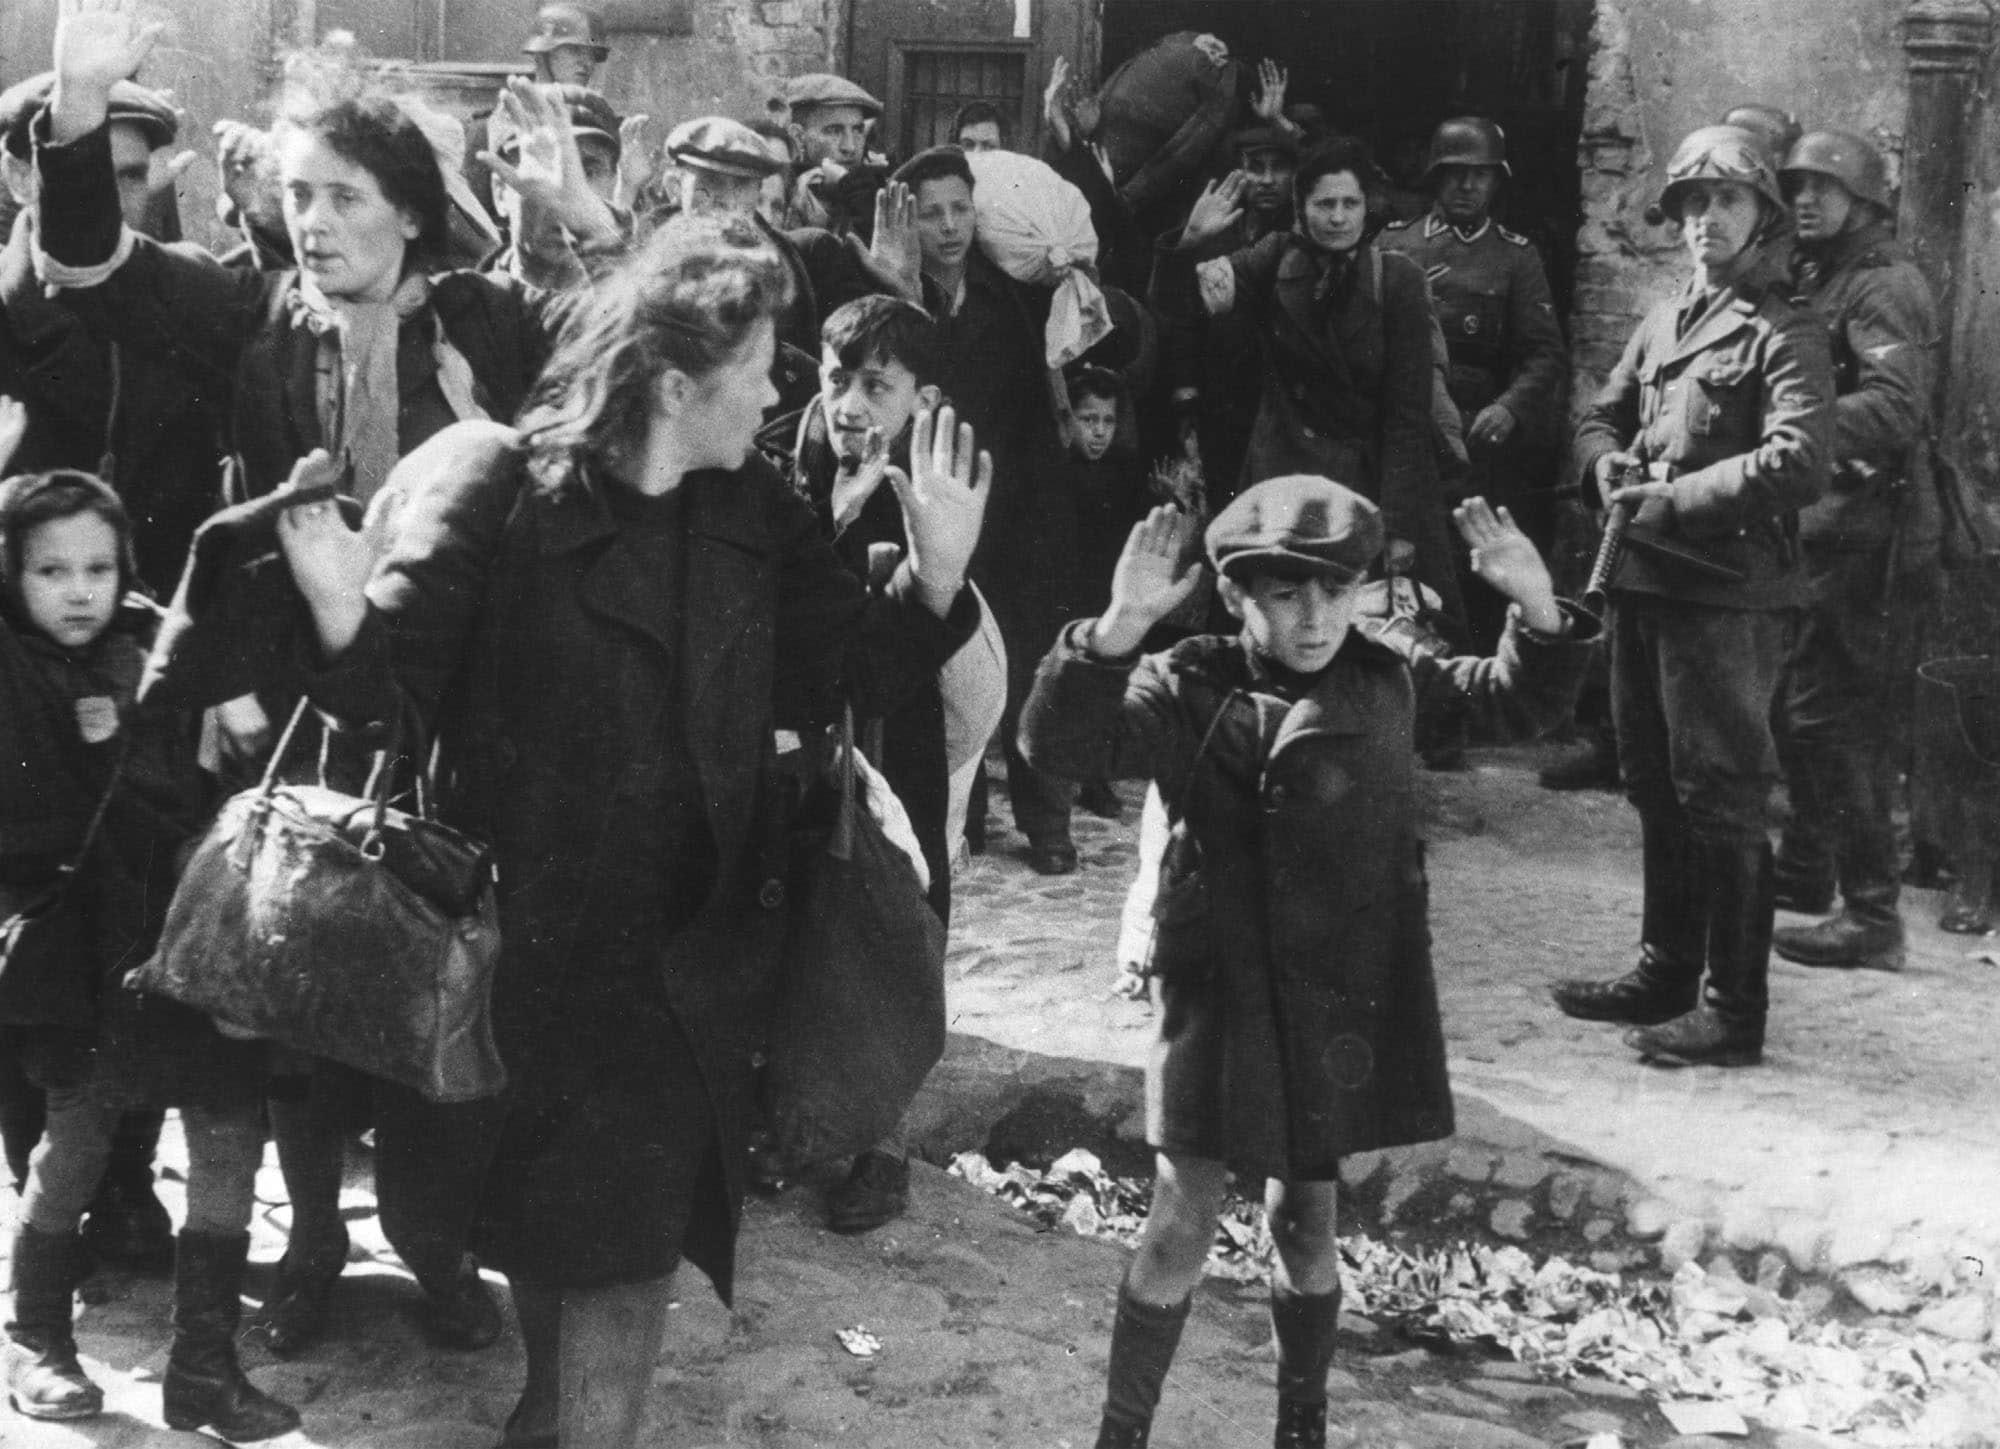 התמונה המפורסמת מגטו ורשה: קבוצת יהודים, בהם נער צעיר, מלווים אל מחוץ לגטו ורשה על ידי חיילי הצבא הגרמני, ב-19 באפריל 1943 (צילום: AP Photo/B.I. Sanders)